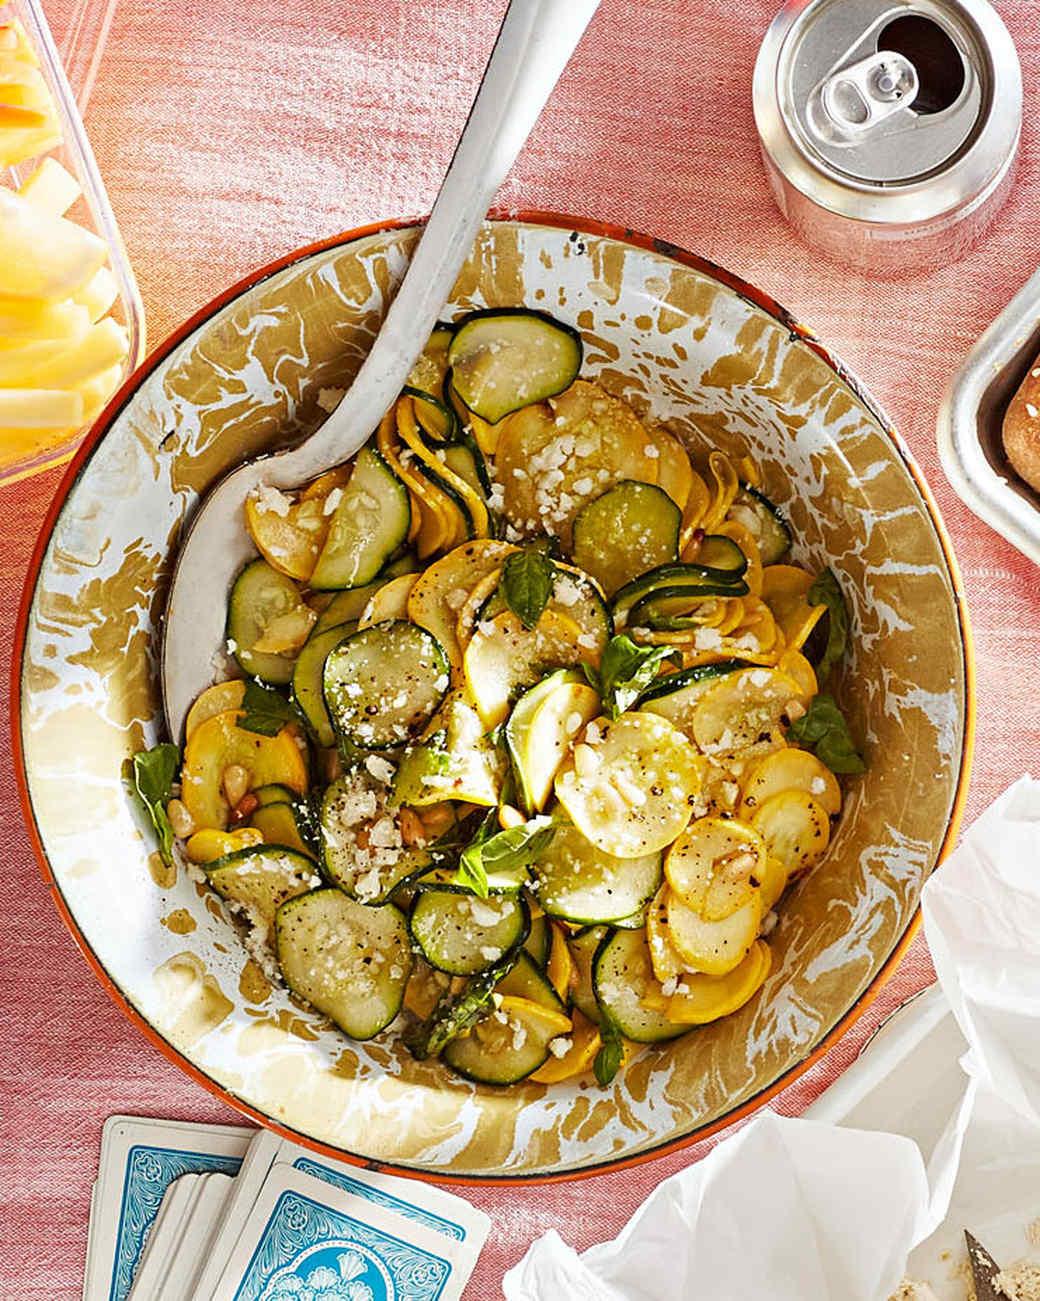 Deliciosa ensalada de calabacín para hacer en casa